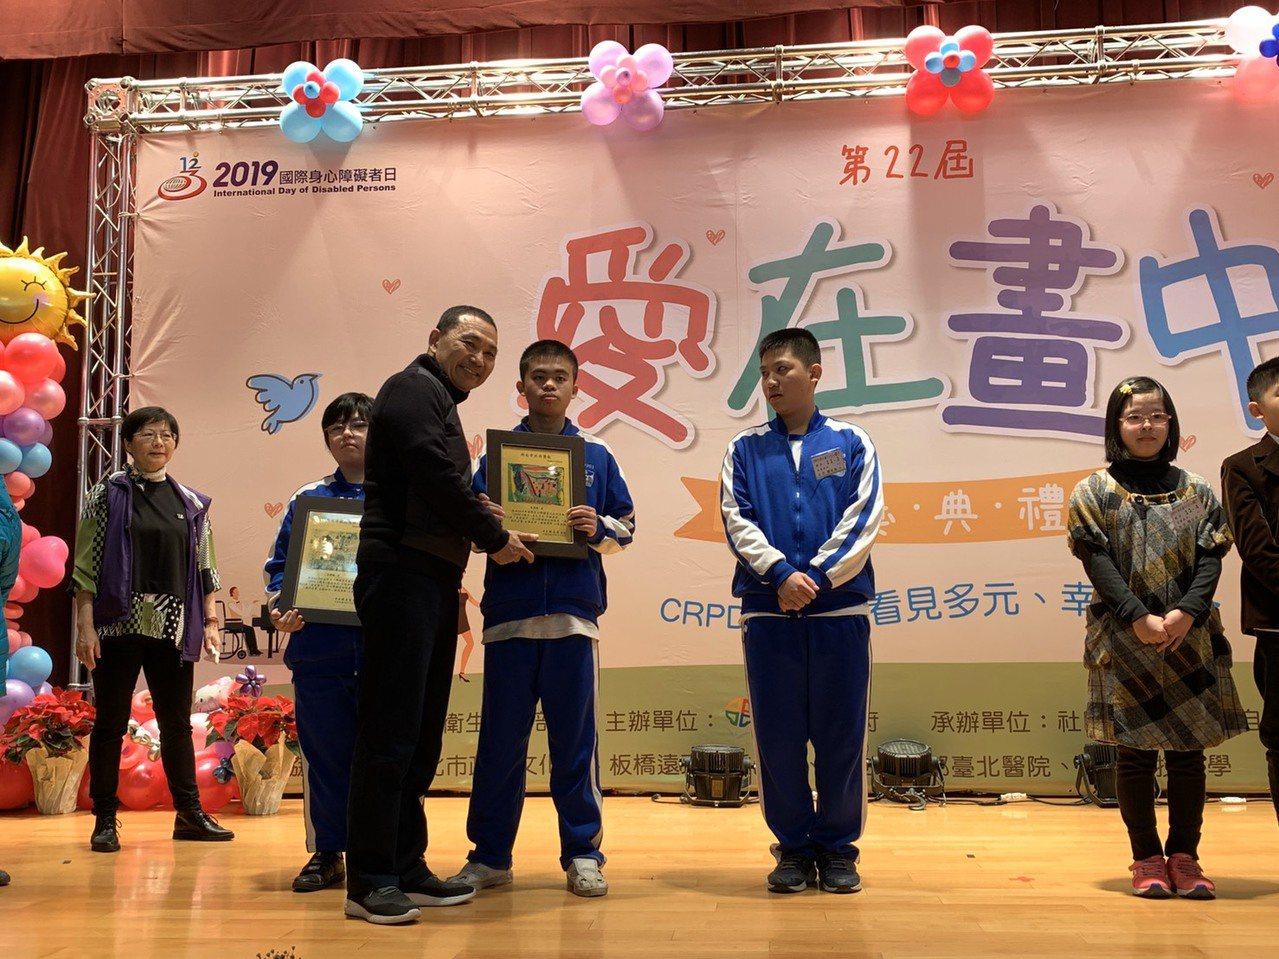 侯友宜今天出席第22屆「愛在畫中」身心障礙者巡迴畫展頒獎典禮。記者張曼蘋/攝影